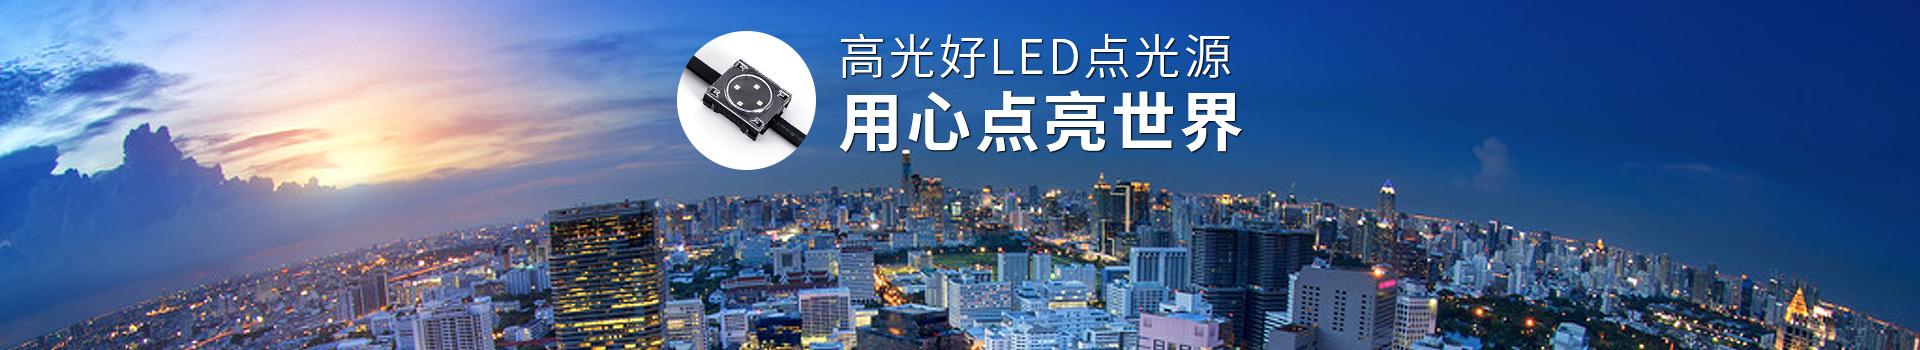 高光好LED点光源  用心点亮世界